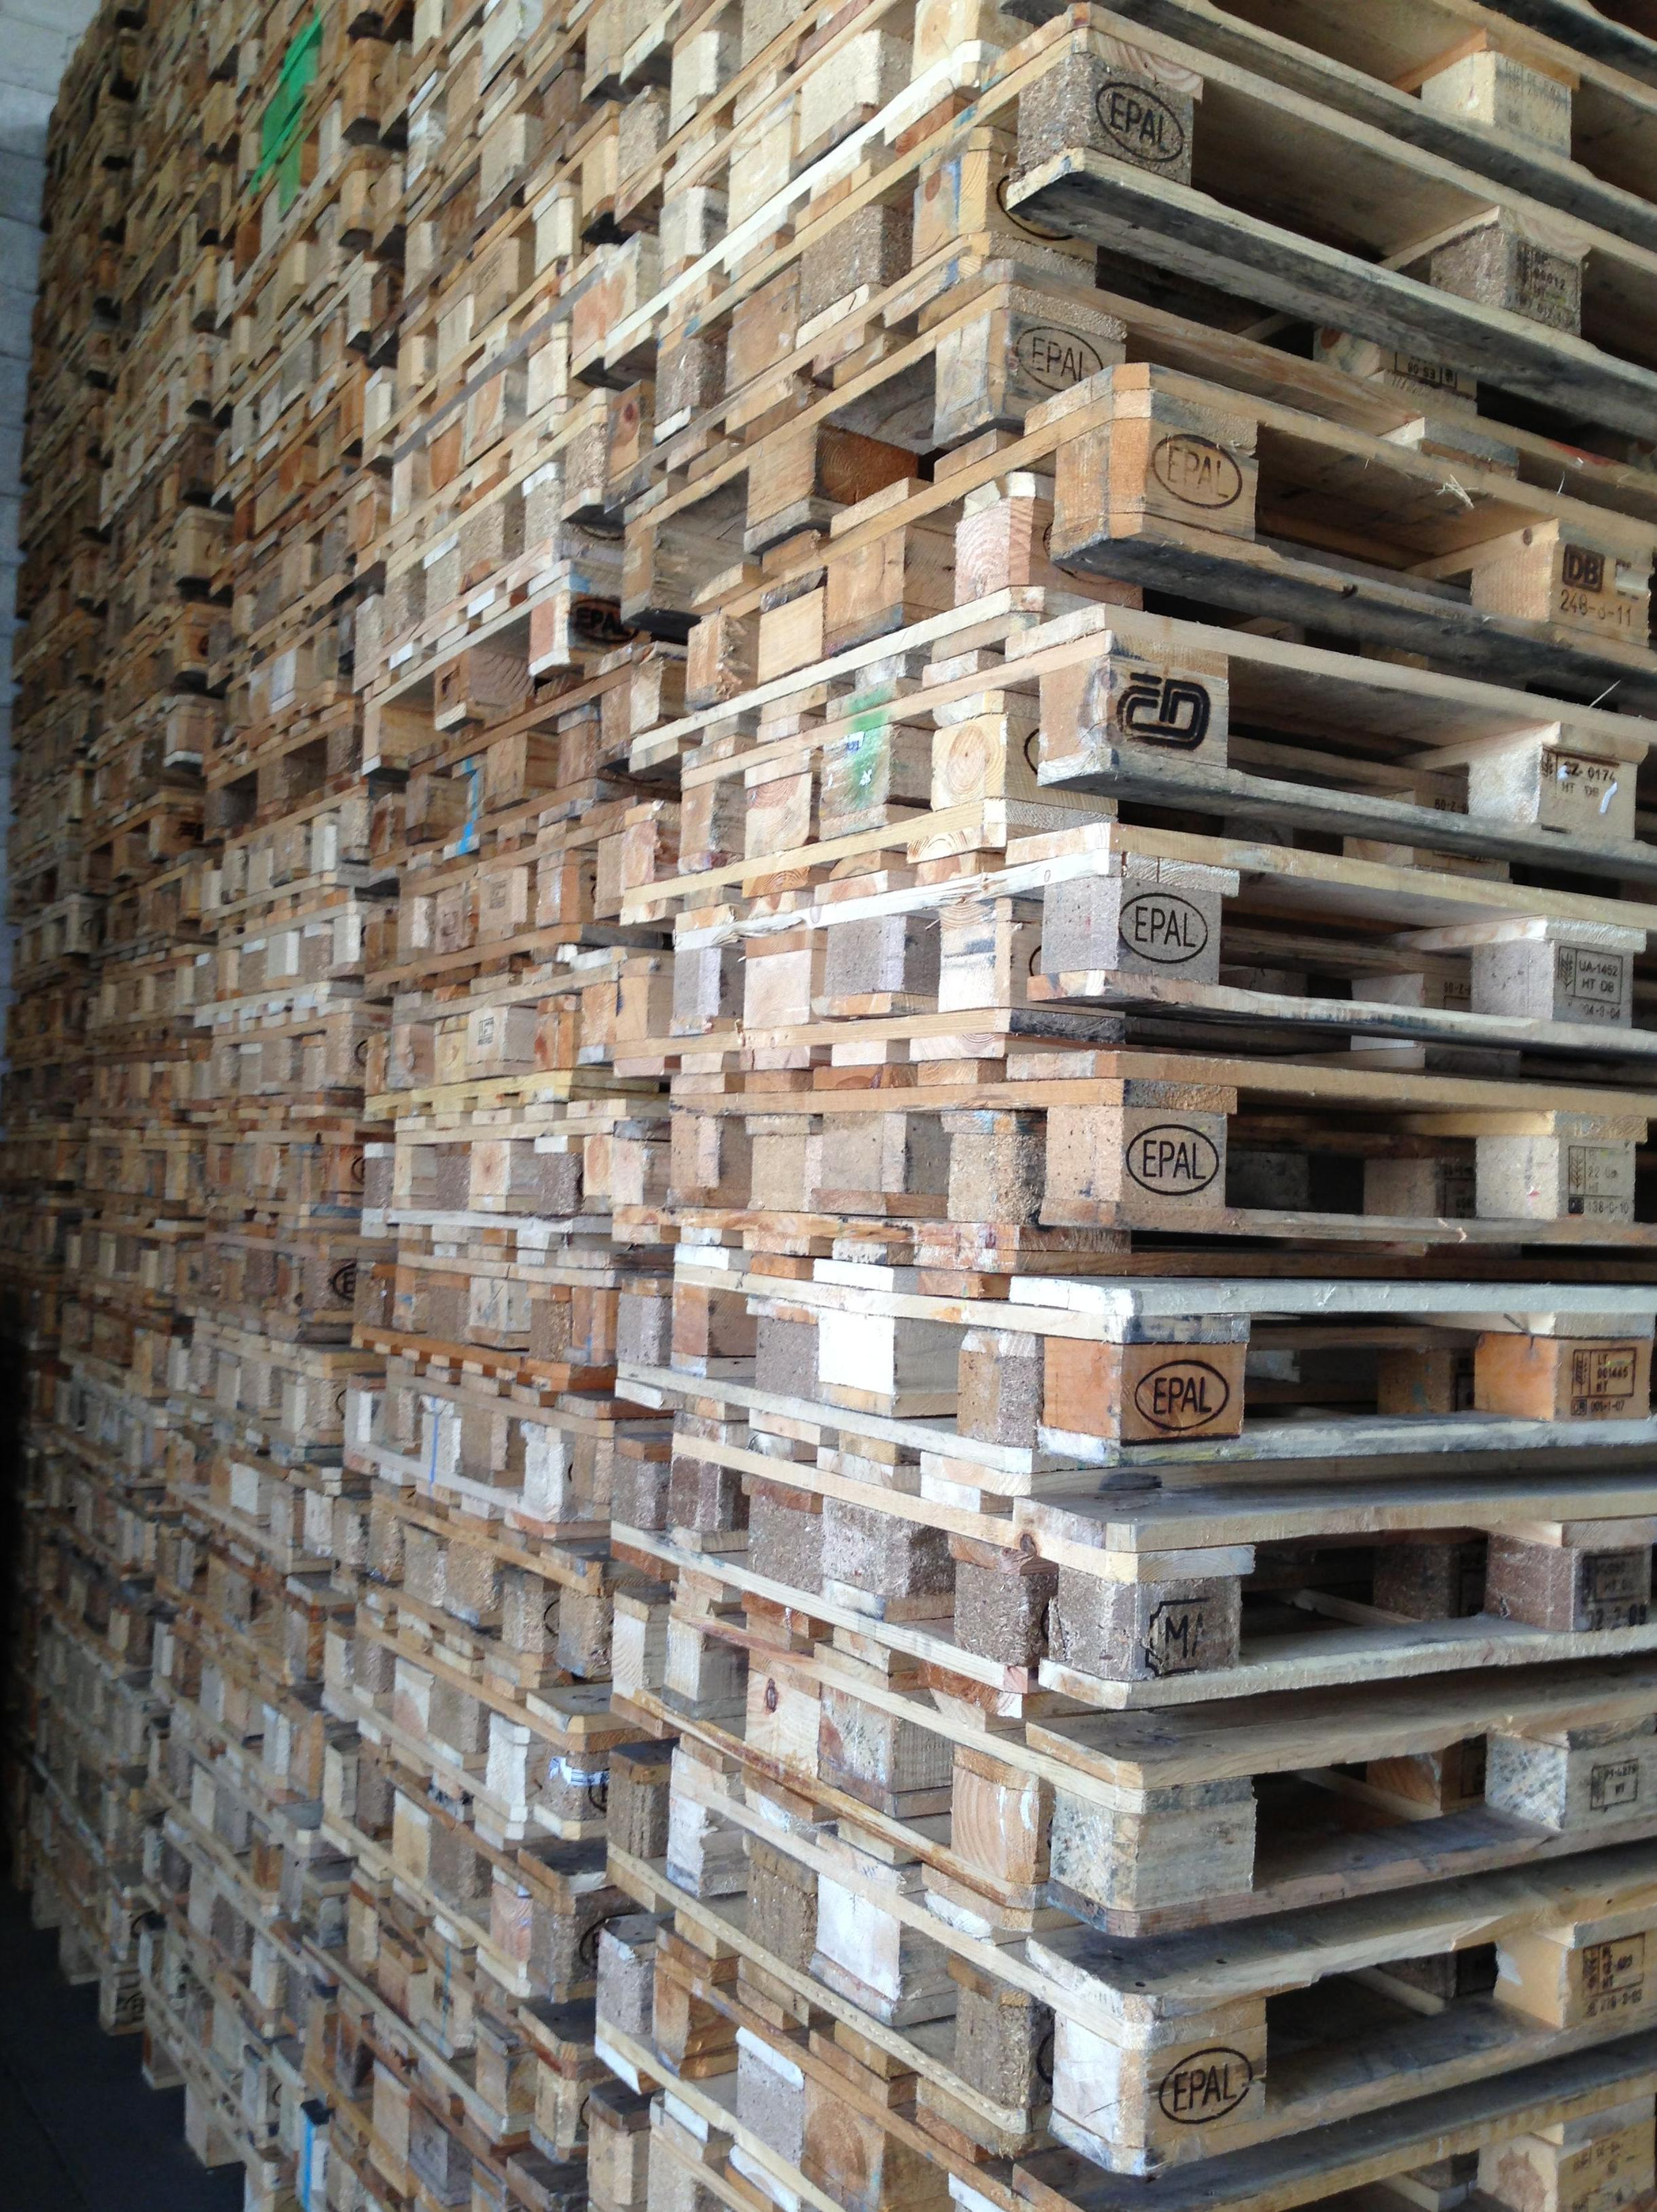 Venta de palets en Arganda del Rey